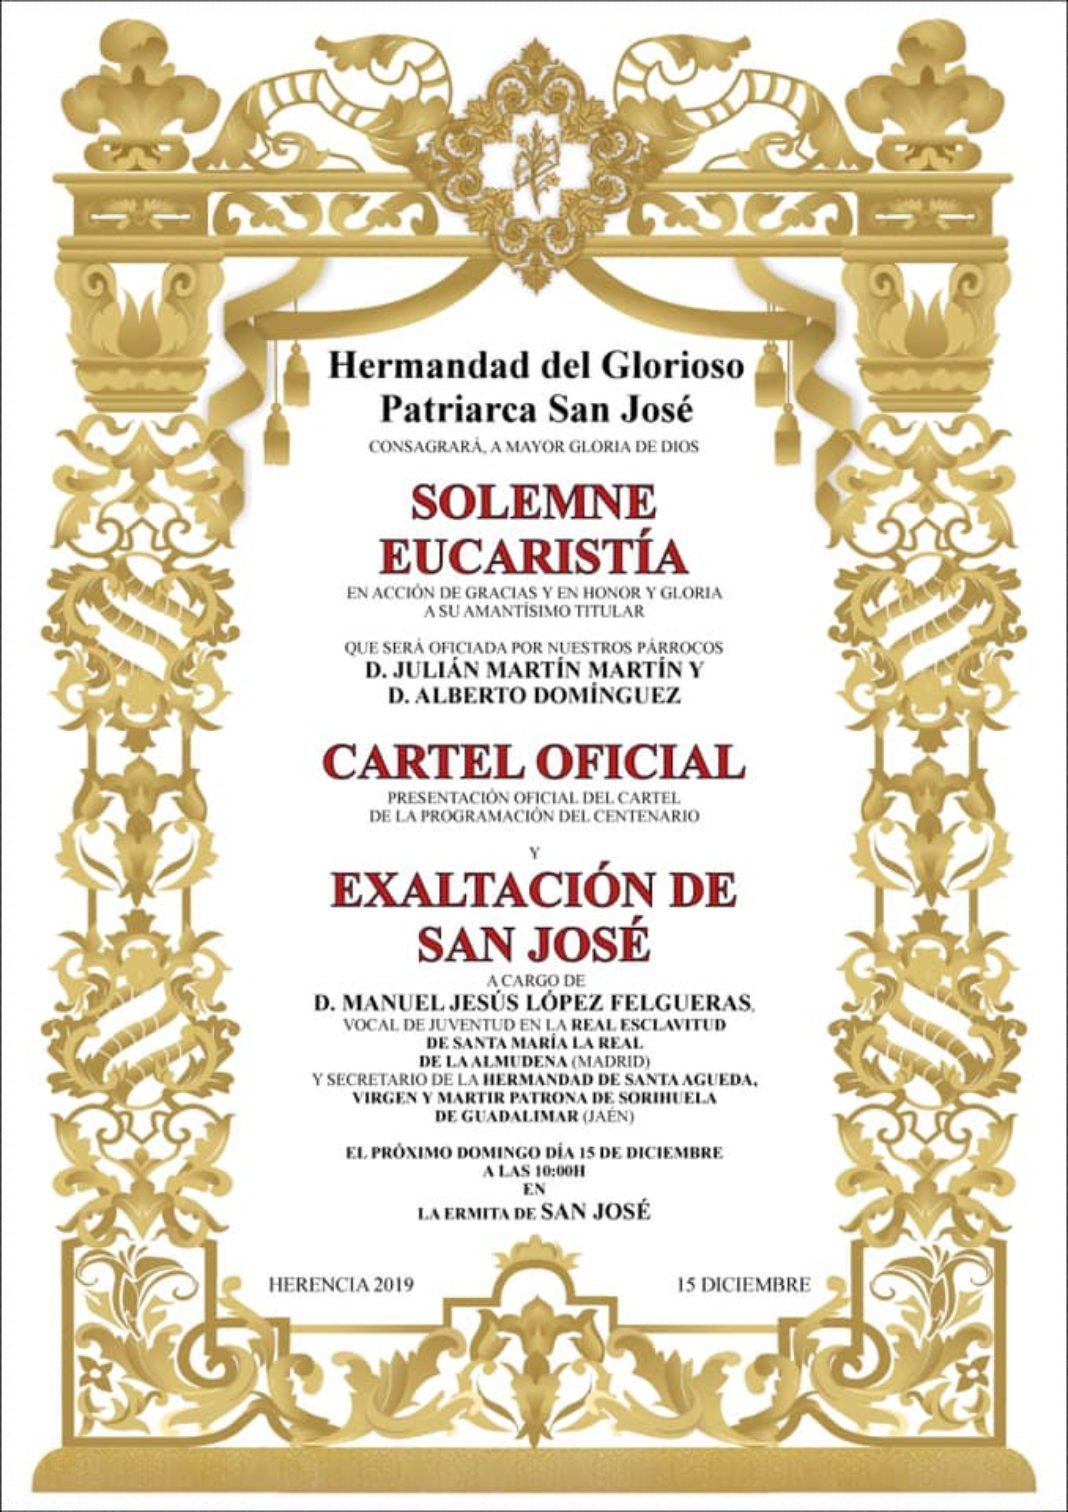 presentación cartel y programacion centenario de San José 1068x1512 - Acto de presentación del cartel y programación del centenario de la hermandad de San José